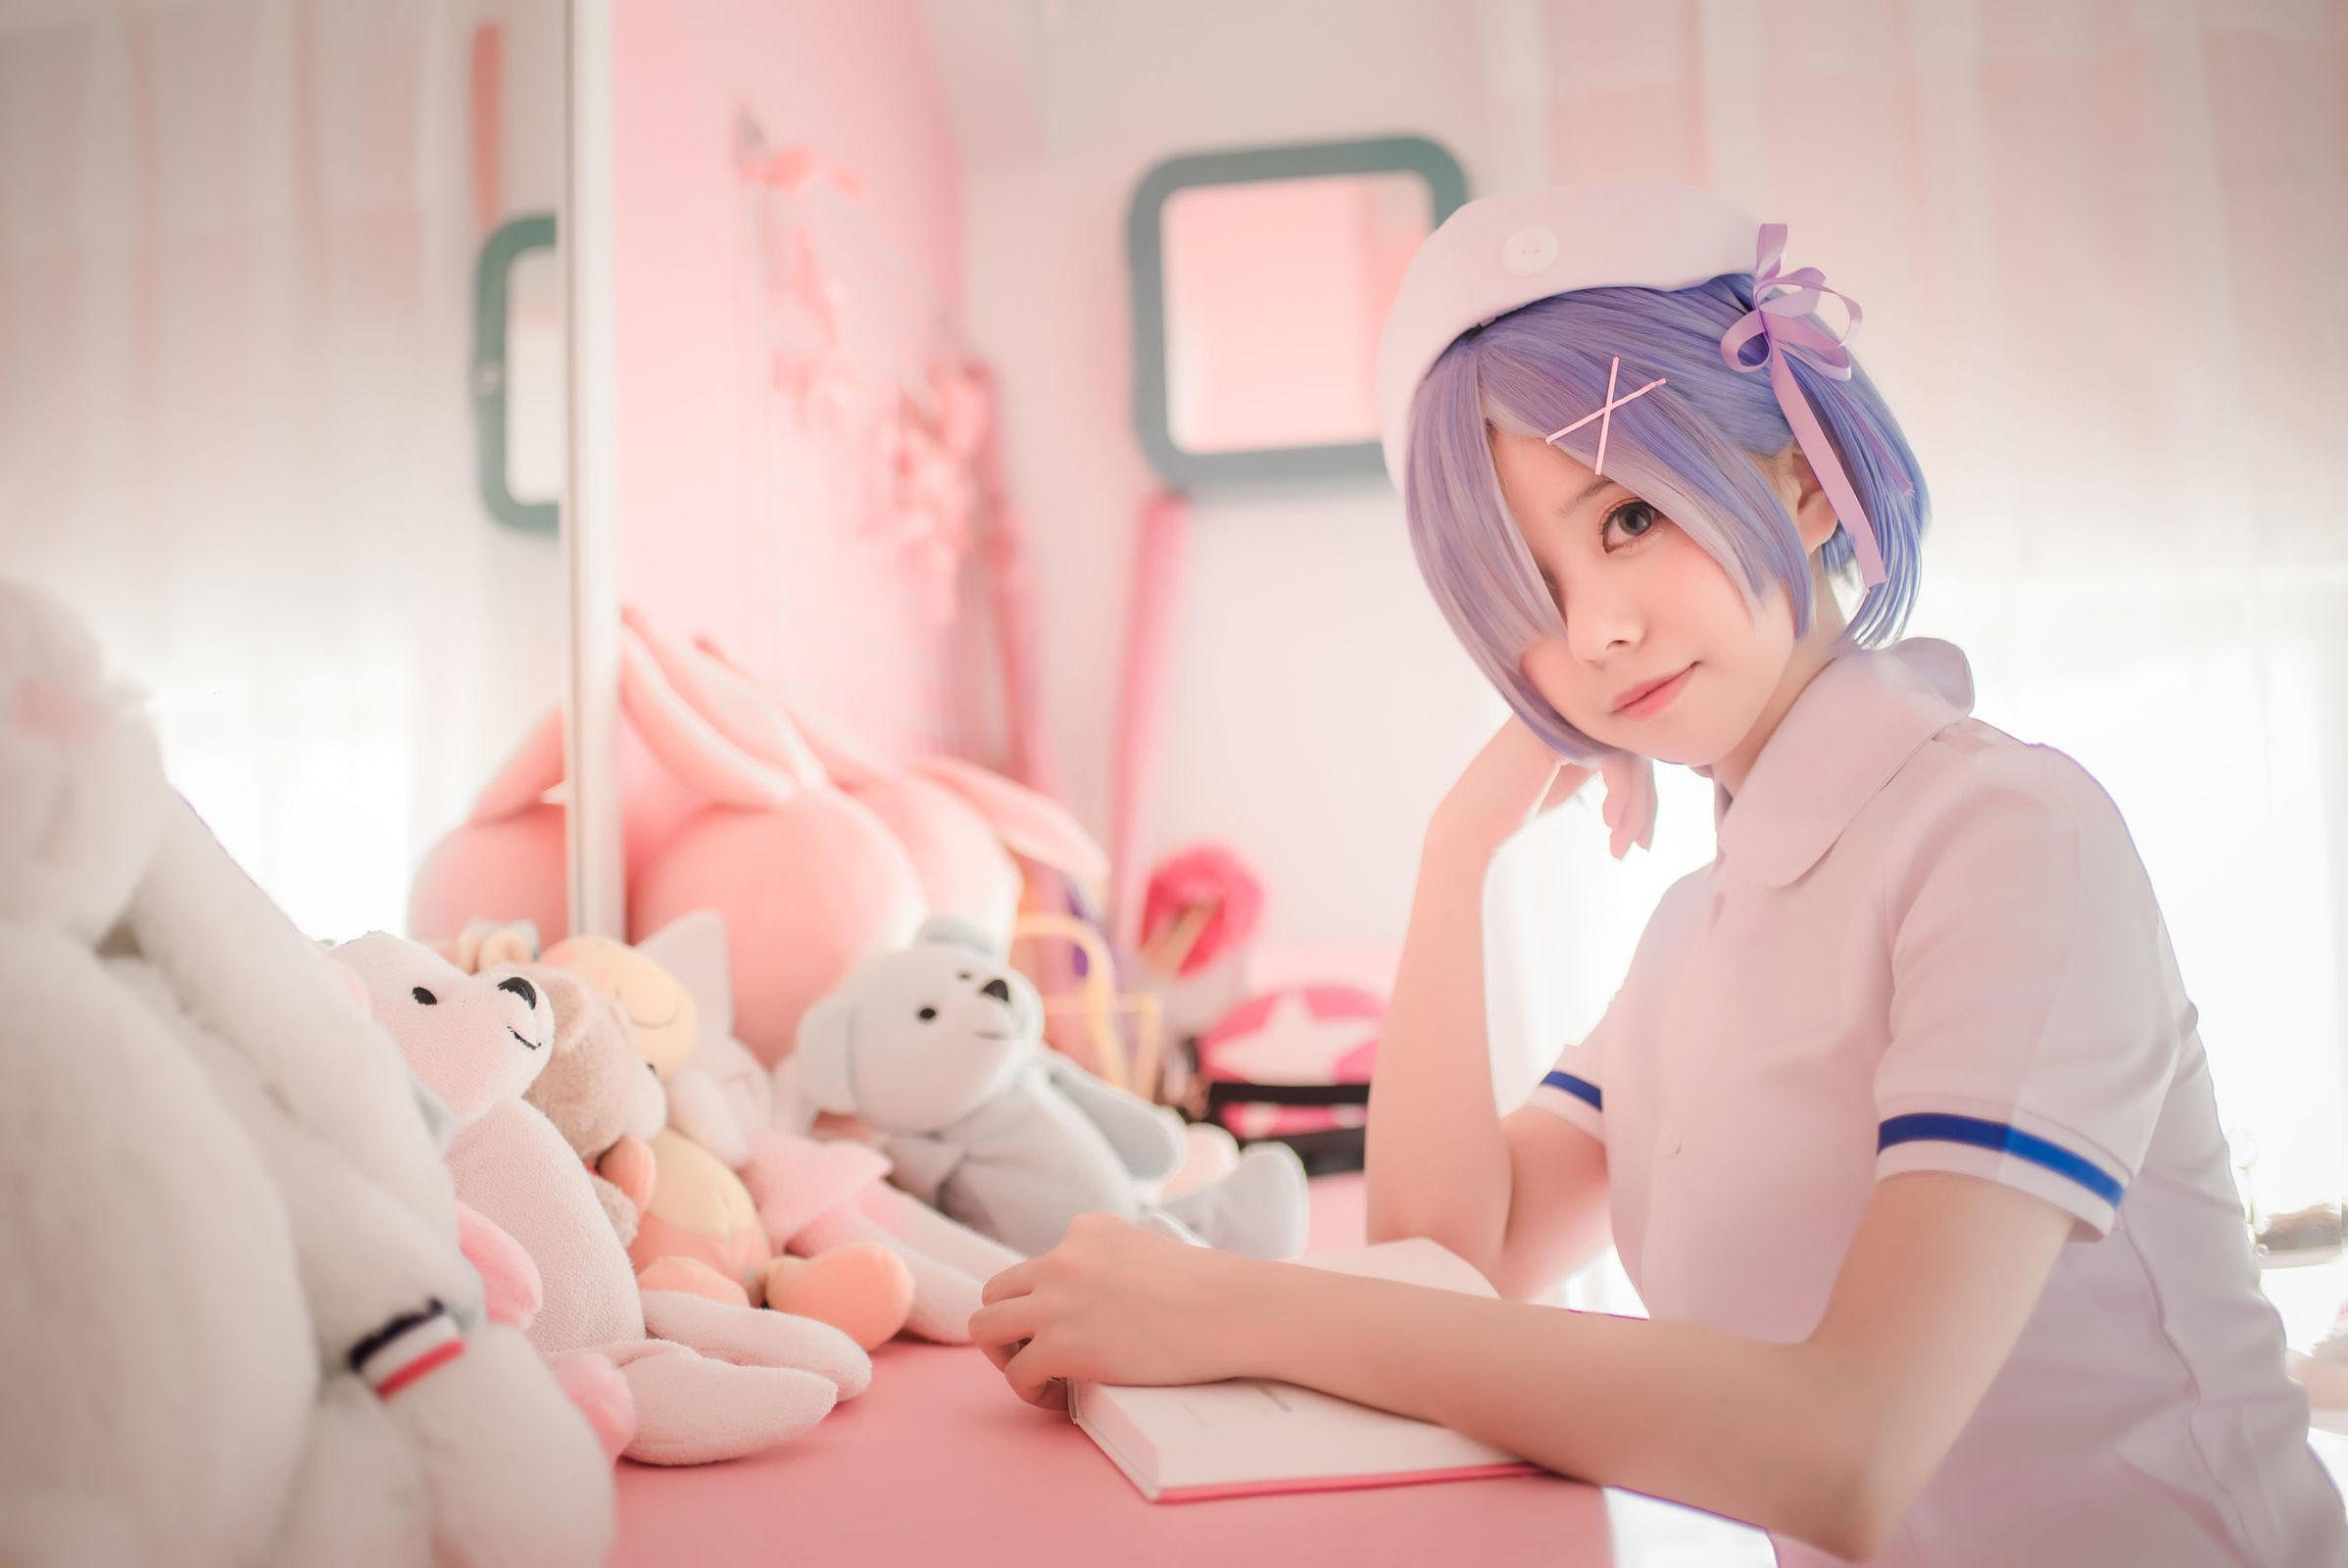 [萌妹子Coser] 小野妹子w - 白色纱裙+蕾姆护士+蕾姆兔女郎 [30P]